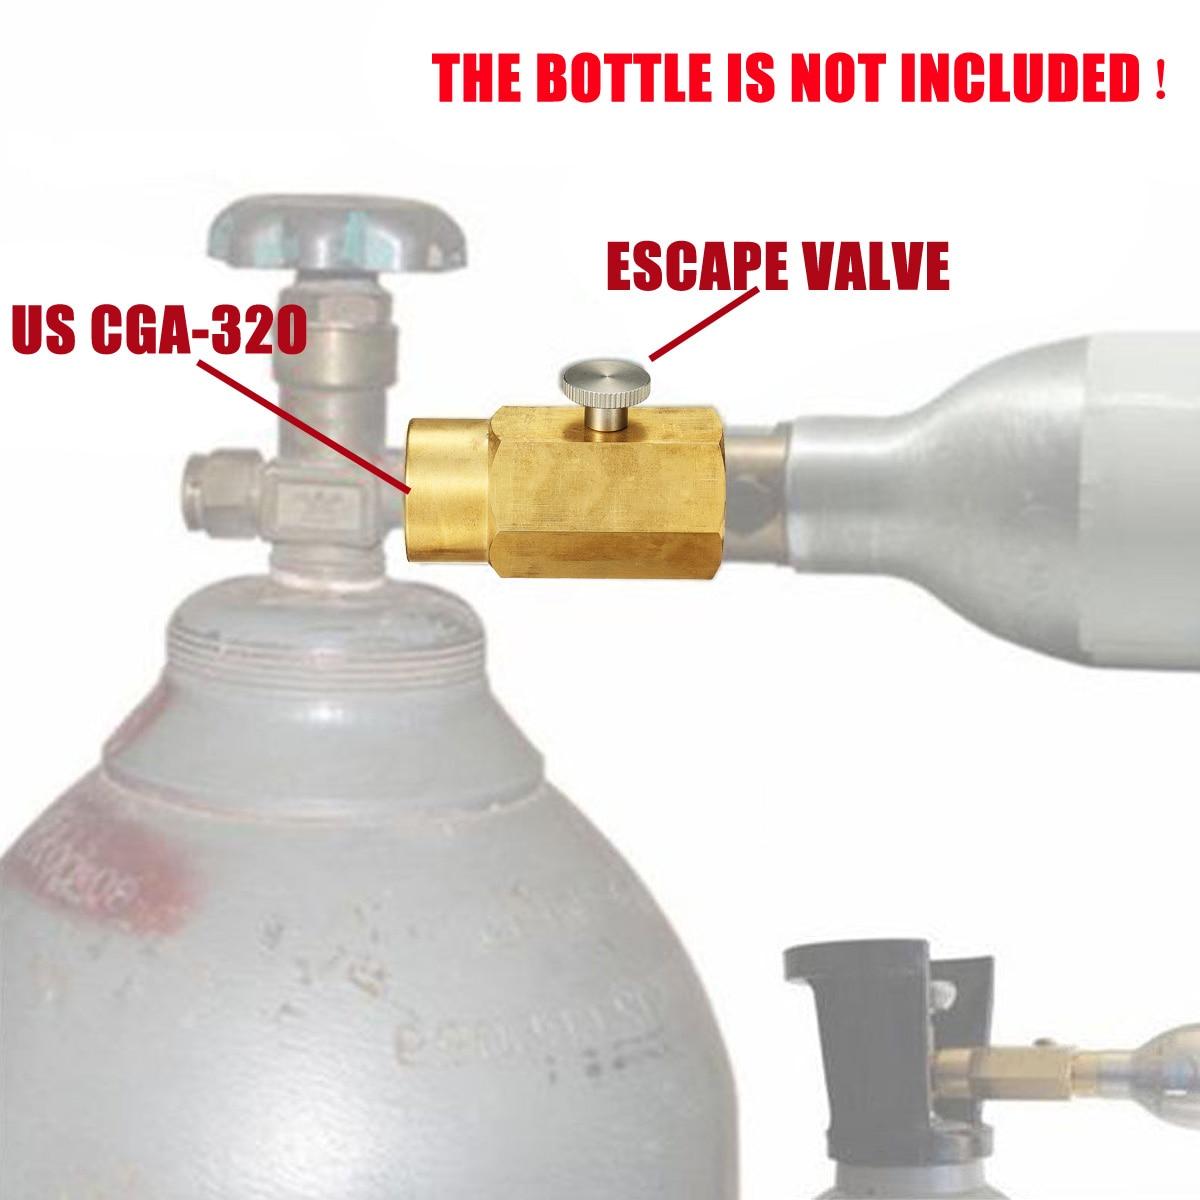 Kopen Goedkoop Voor Vullen SodaStream Fles Tank CO2 Refill